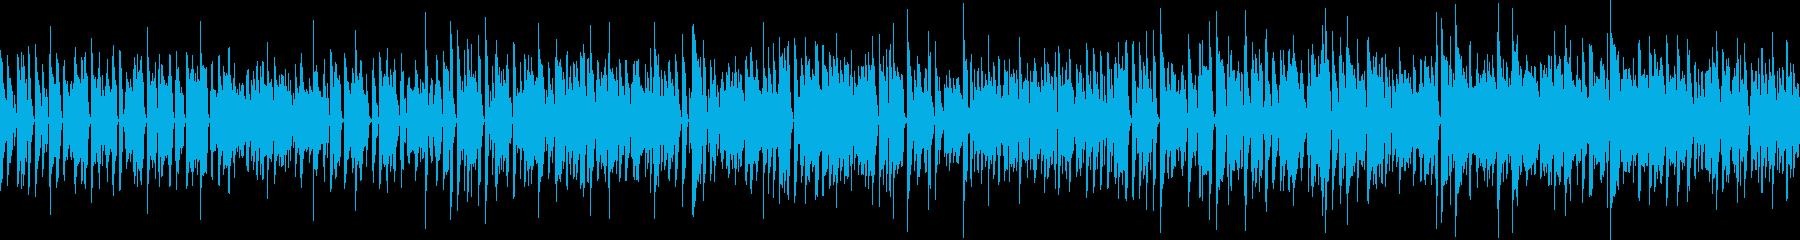 原始人のテーマ (ループ仕様)の再生済みの波形